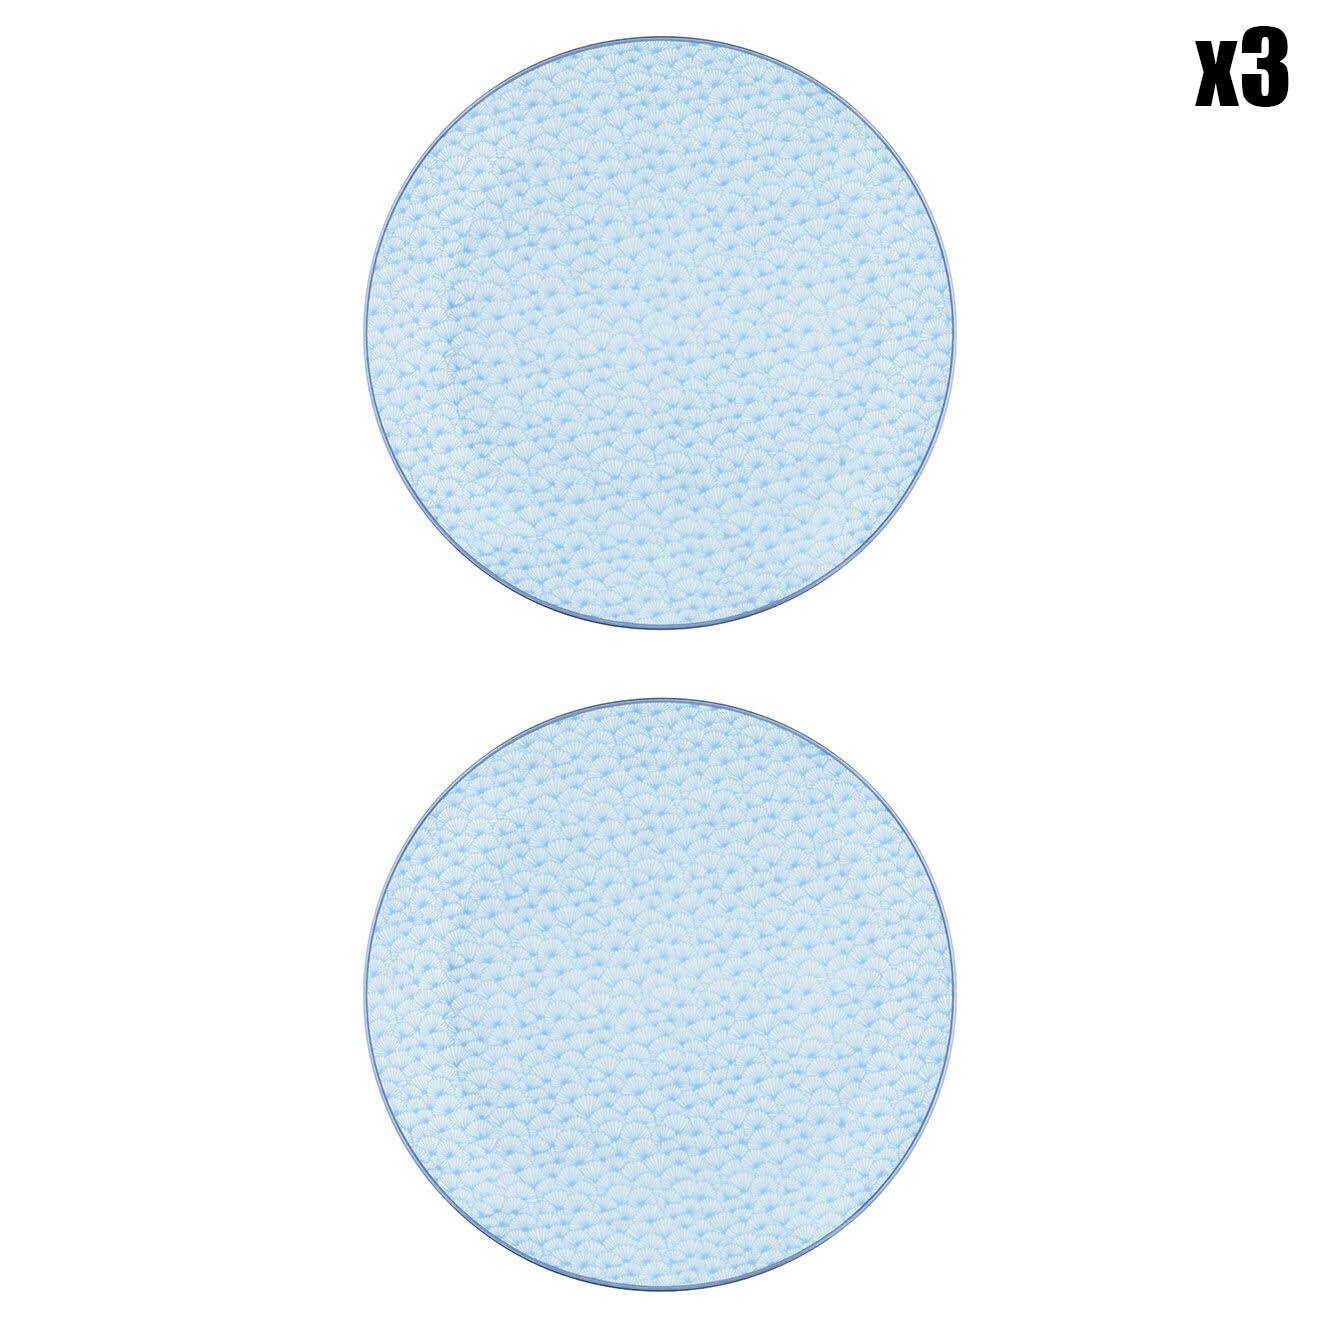 6 Assiettes plates Pastel rose pastel/bleu pastel/vert pastel - D.26 cm